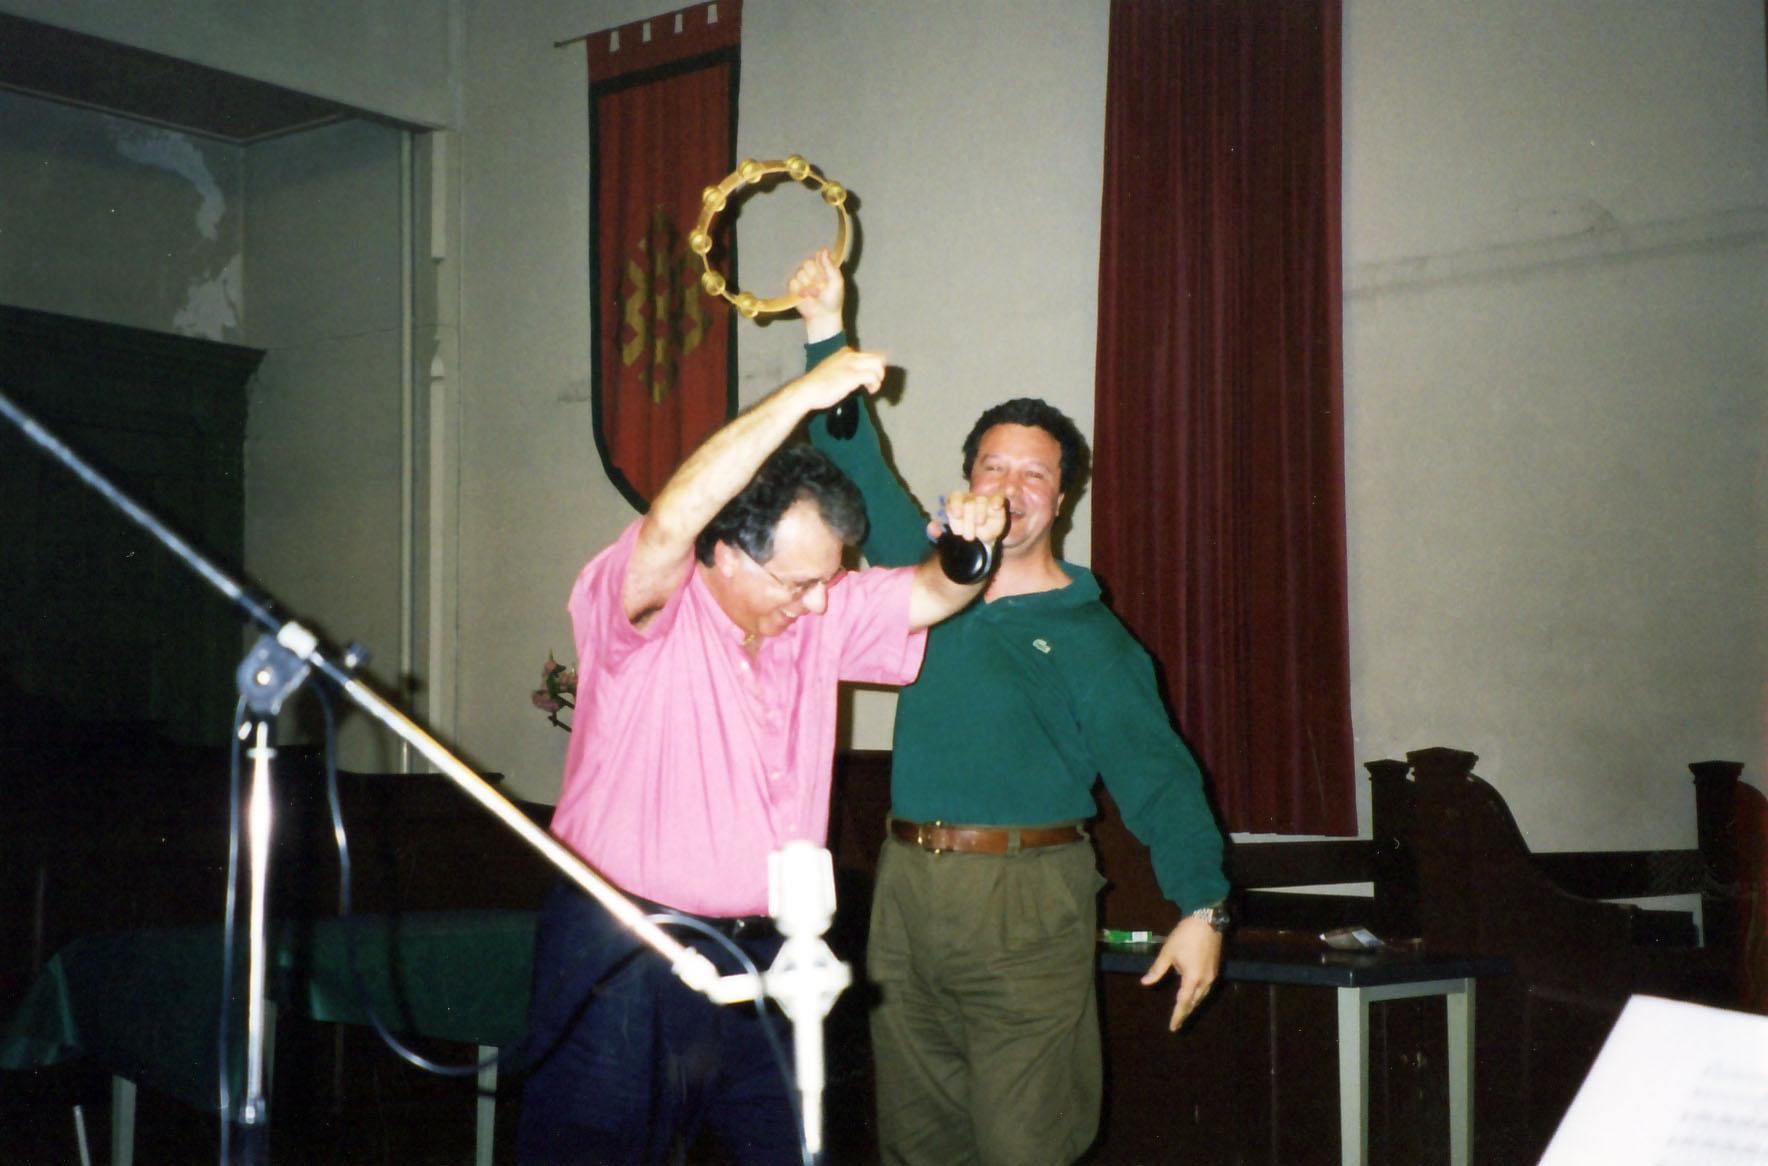 Pepe and Massimo Paris adding the percussion to Boccherini ¨Fandango¨